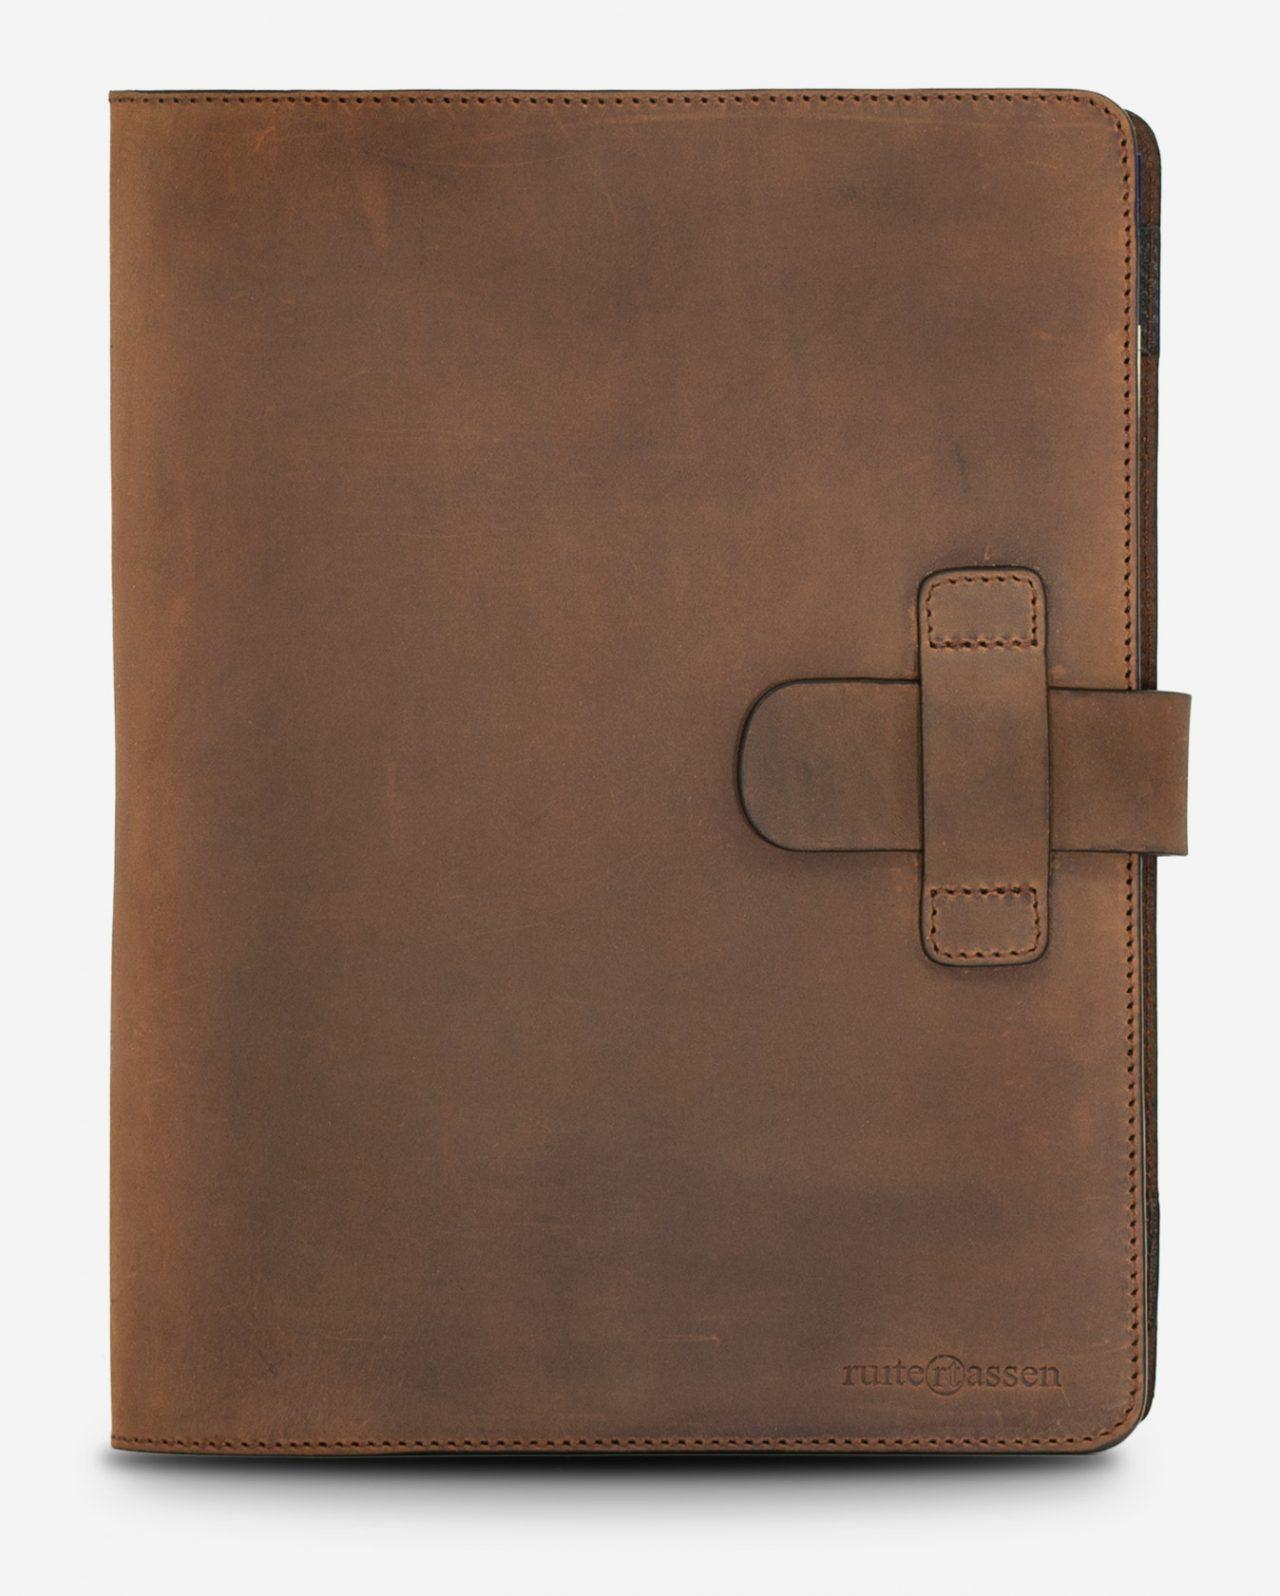 Vintage leather conference folder.